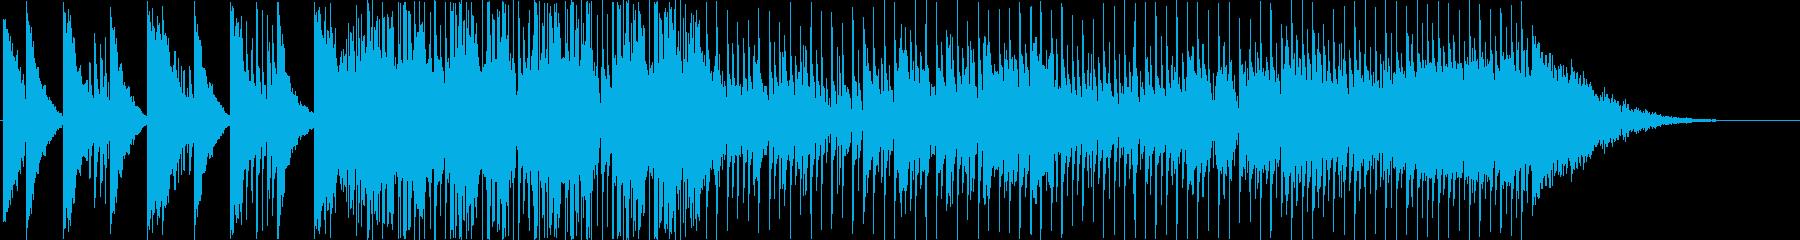 ブラスと和楽器の和風ファンクロックの再生済みの波形